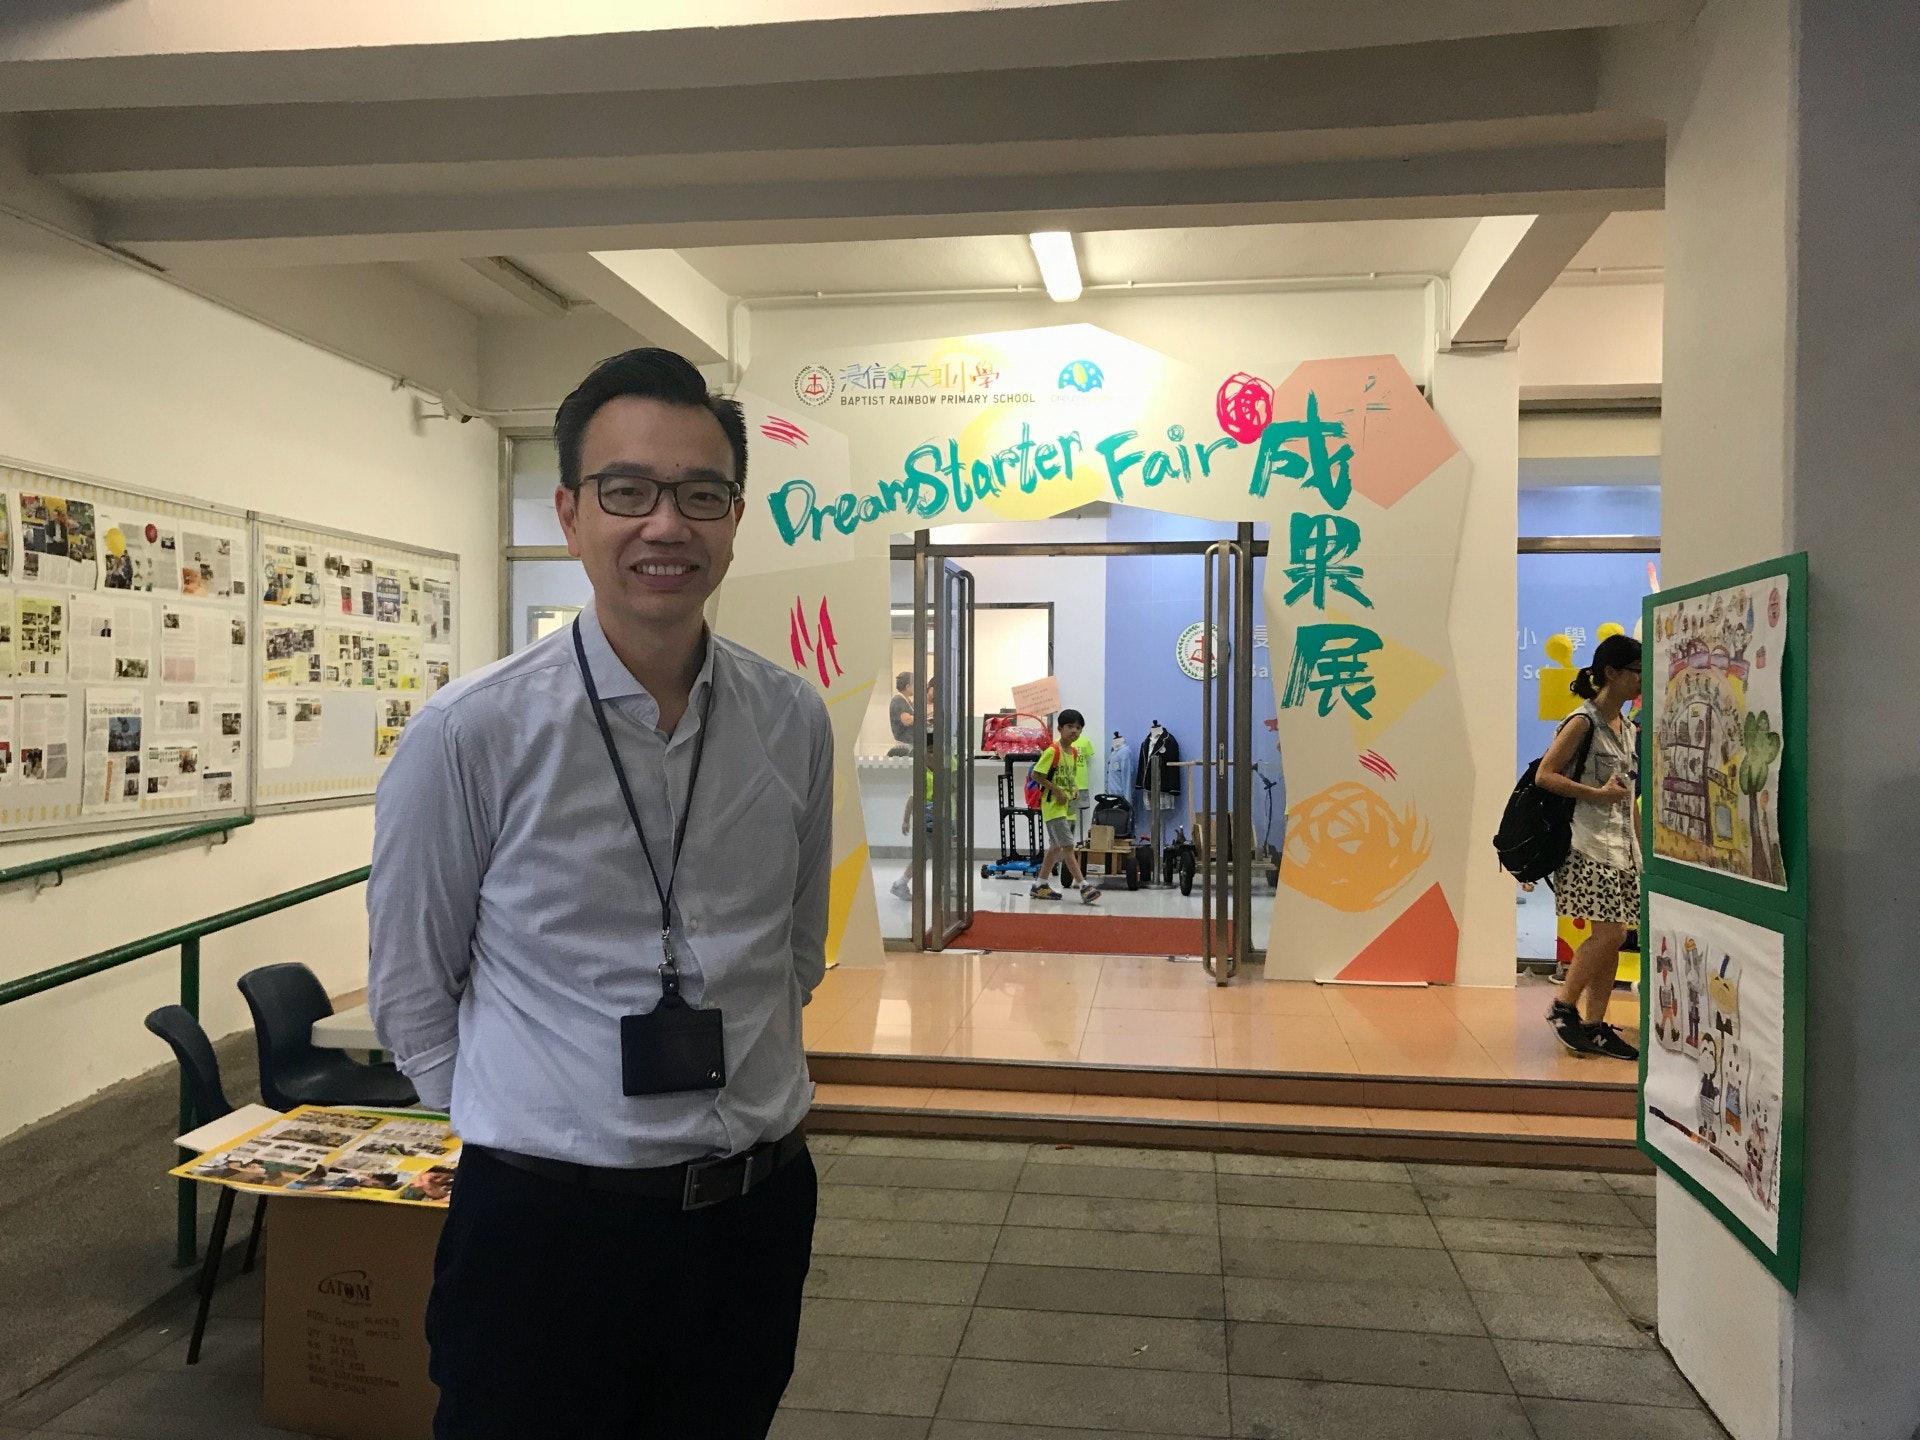 天虹小學校長朱子穎希望學生能關心社會議題。(鄧穎琳攝)